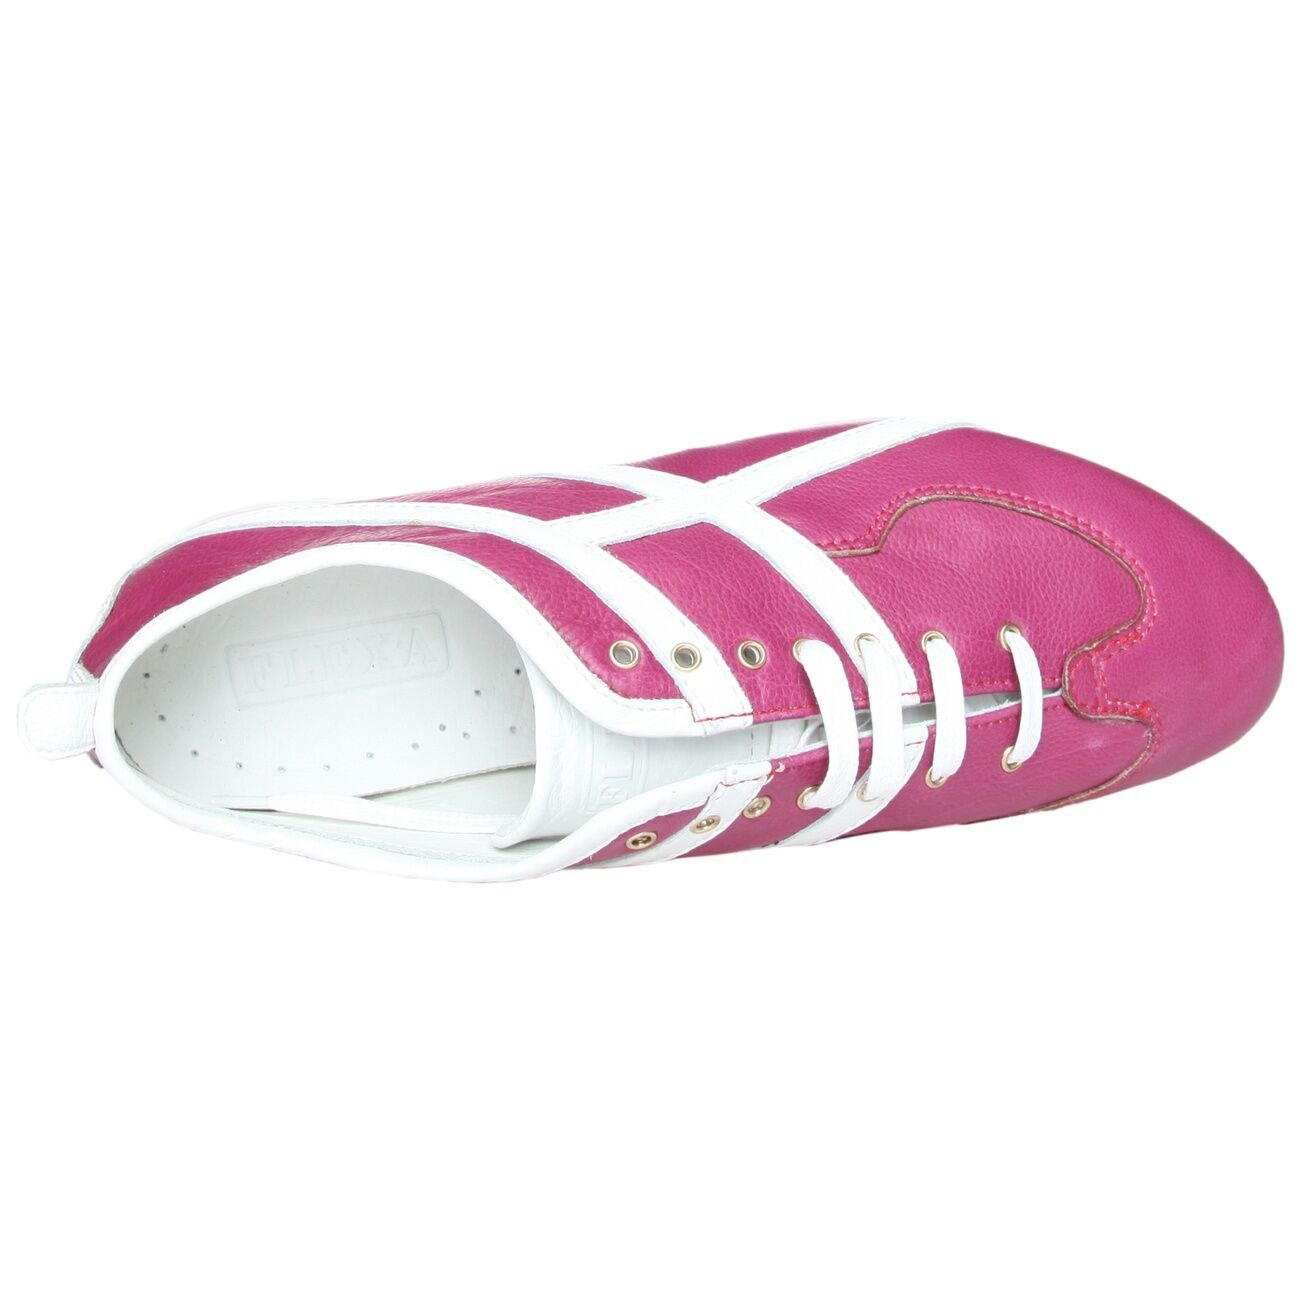 FRATELLI ROSSETTI chaussures Femmes Baskets De Sport Lacets Lacets Lacets EU 37,5 e6234a